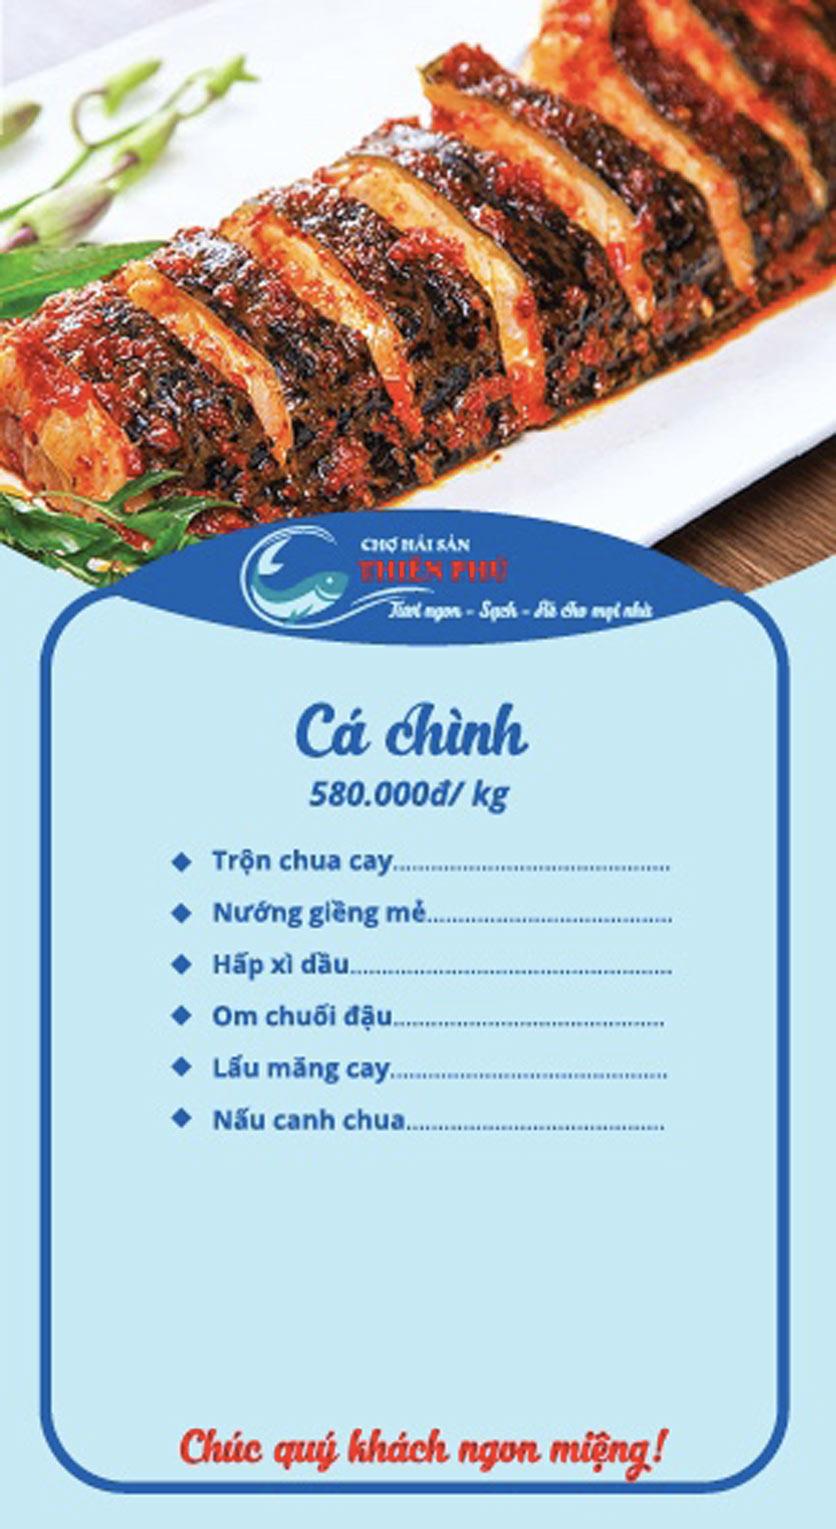 Menu Chợ Hải Sản Thiên Phú - KĐT Văn Phú 3